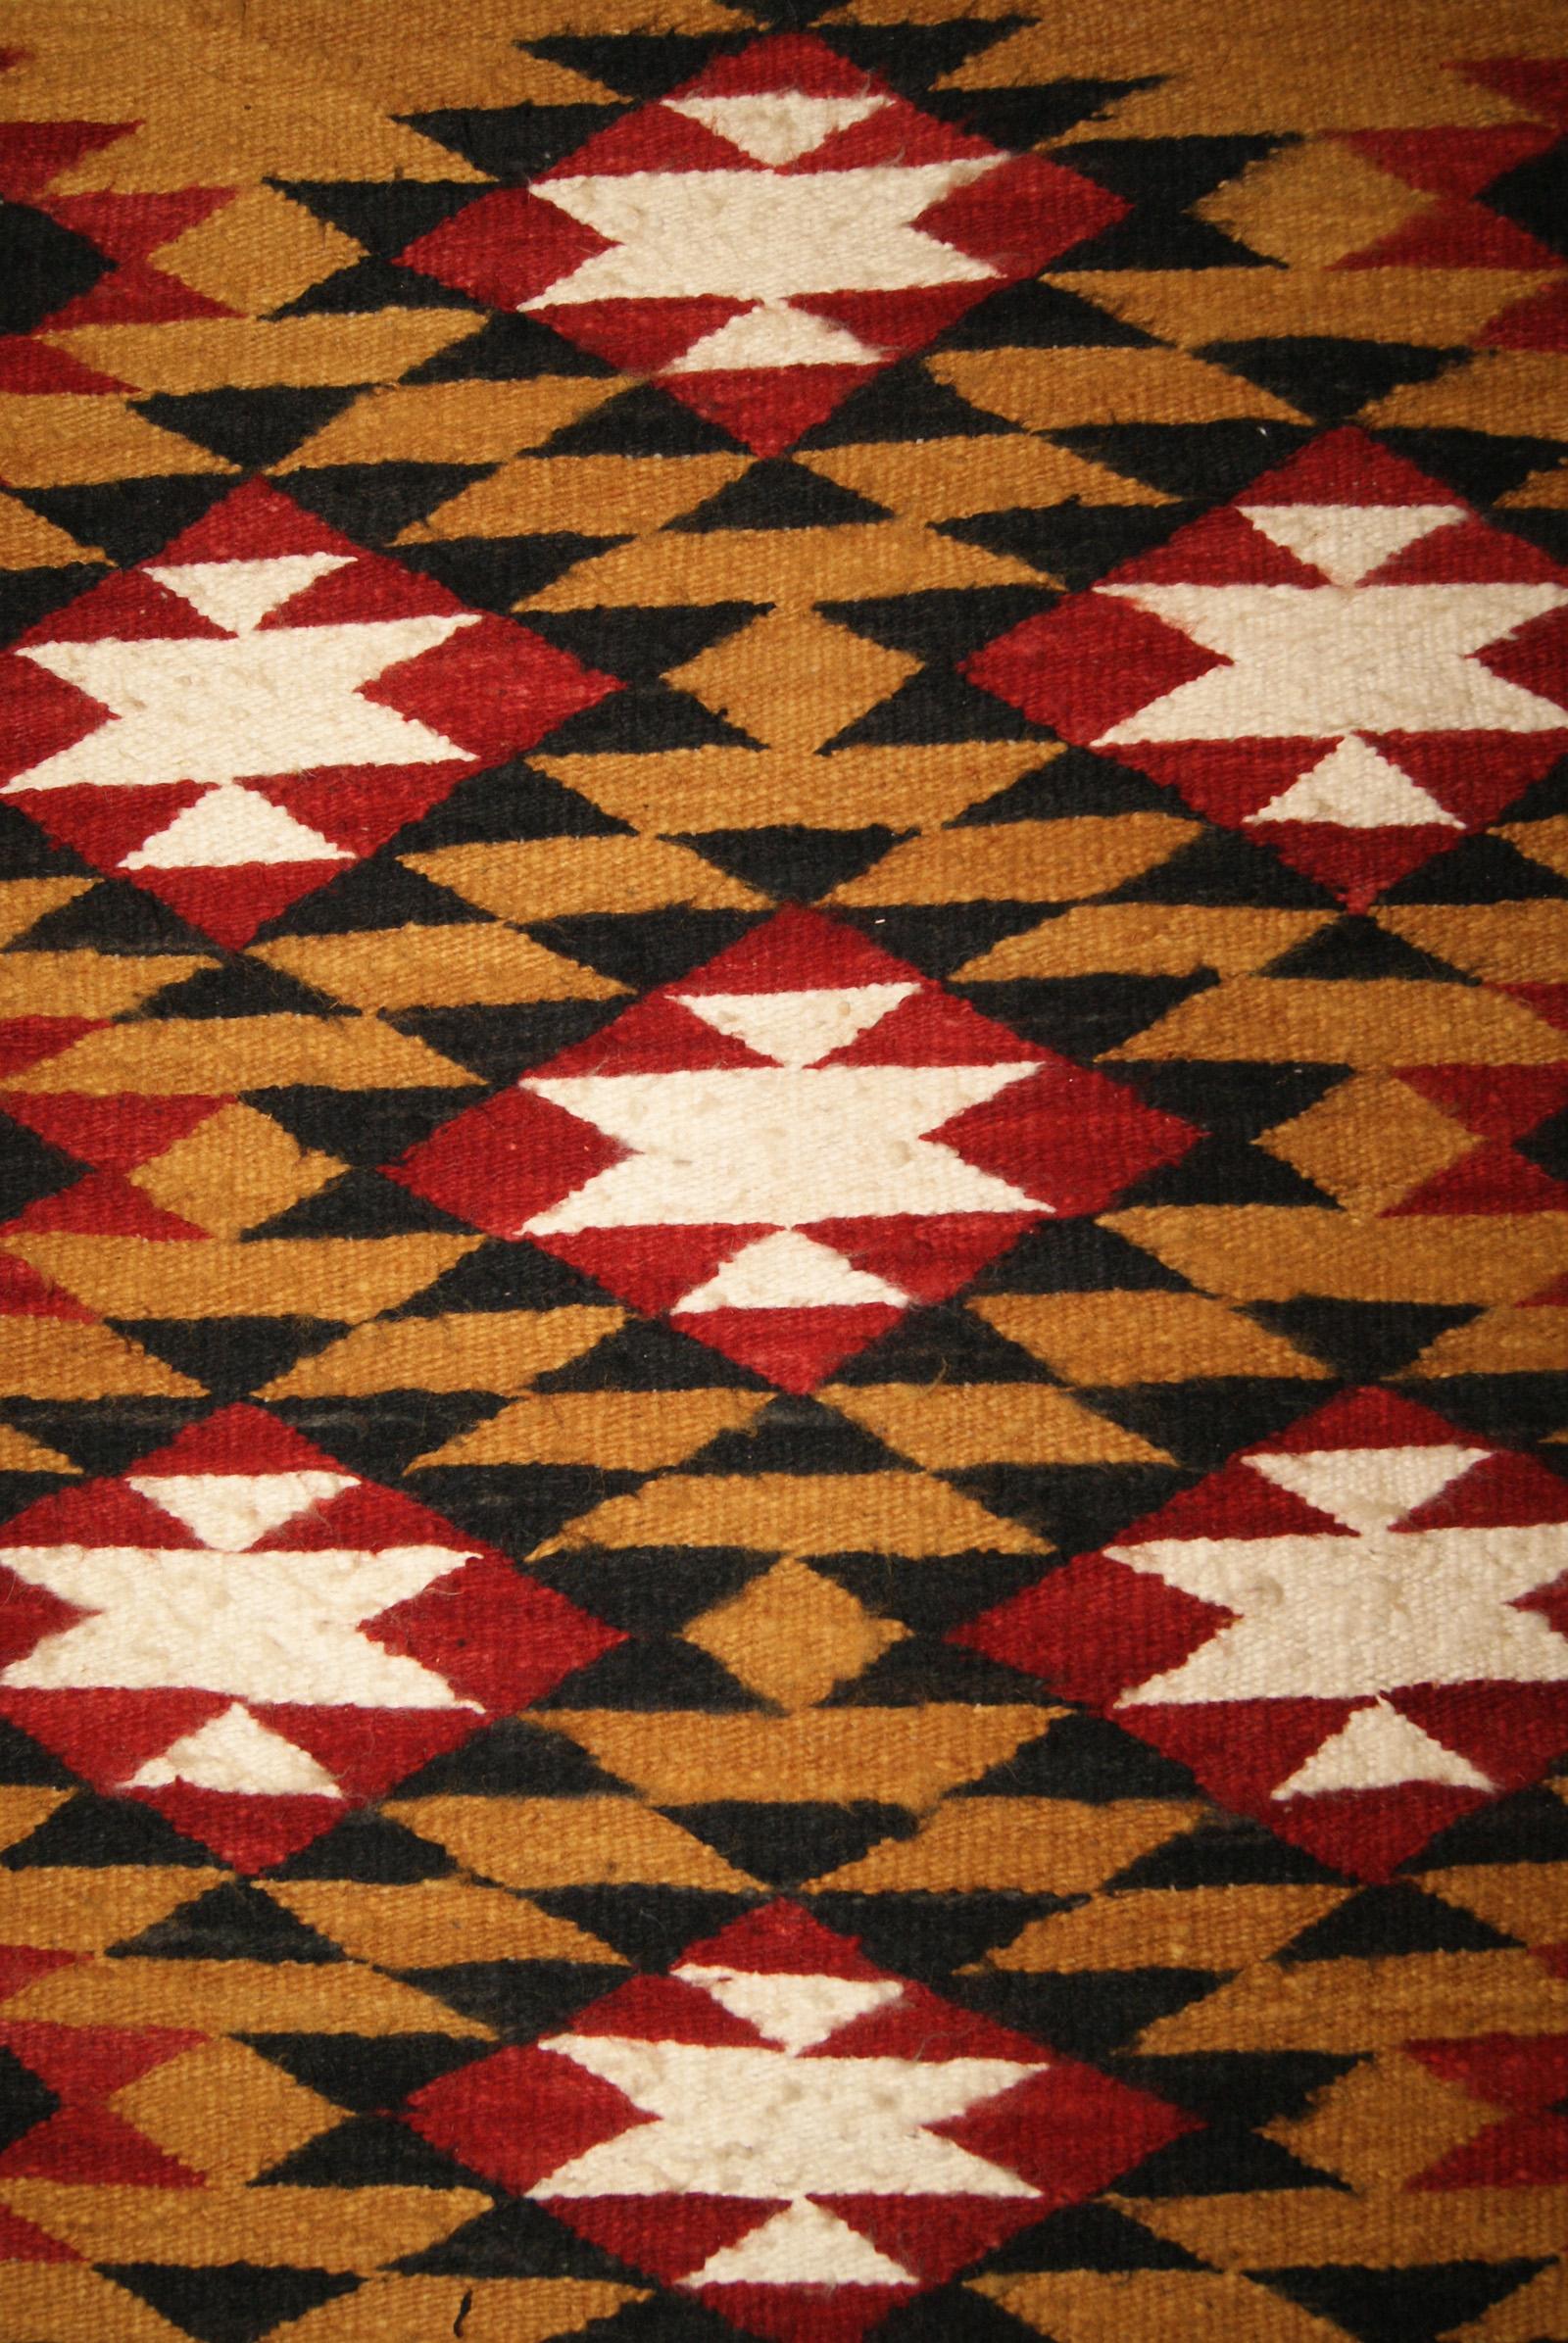 Navajo Double Saddle Blanket Navajo Weaving For Sale